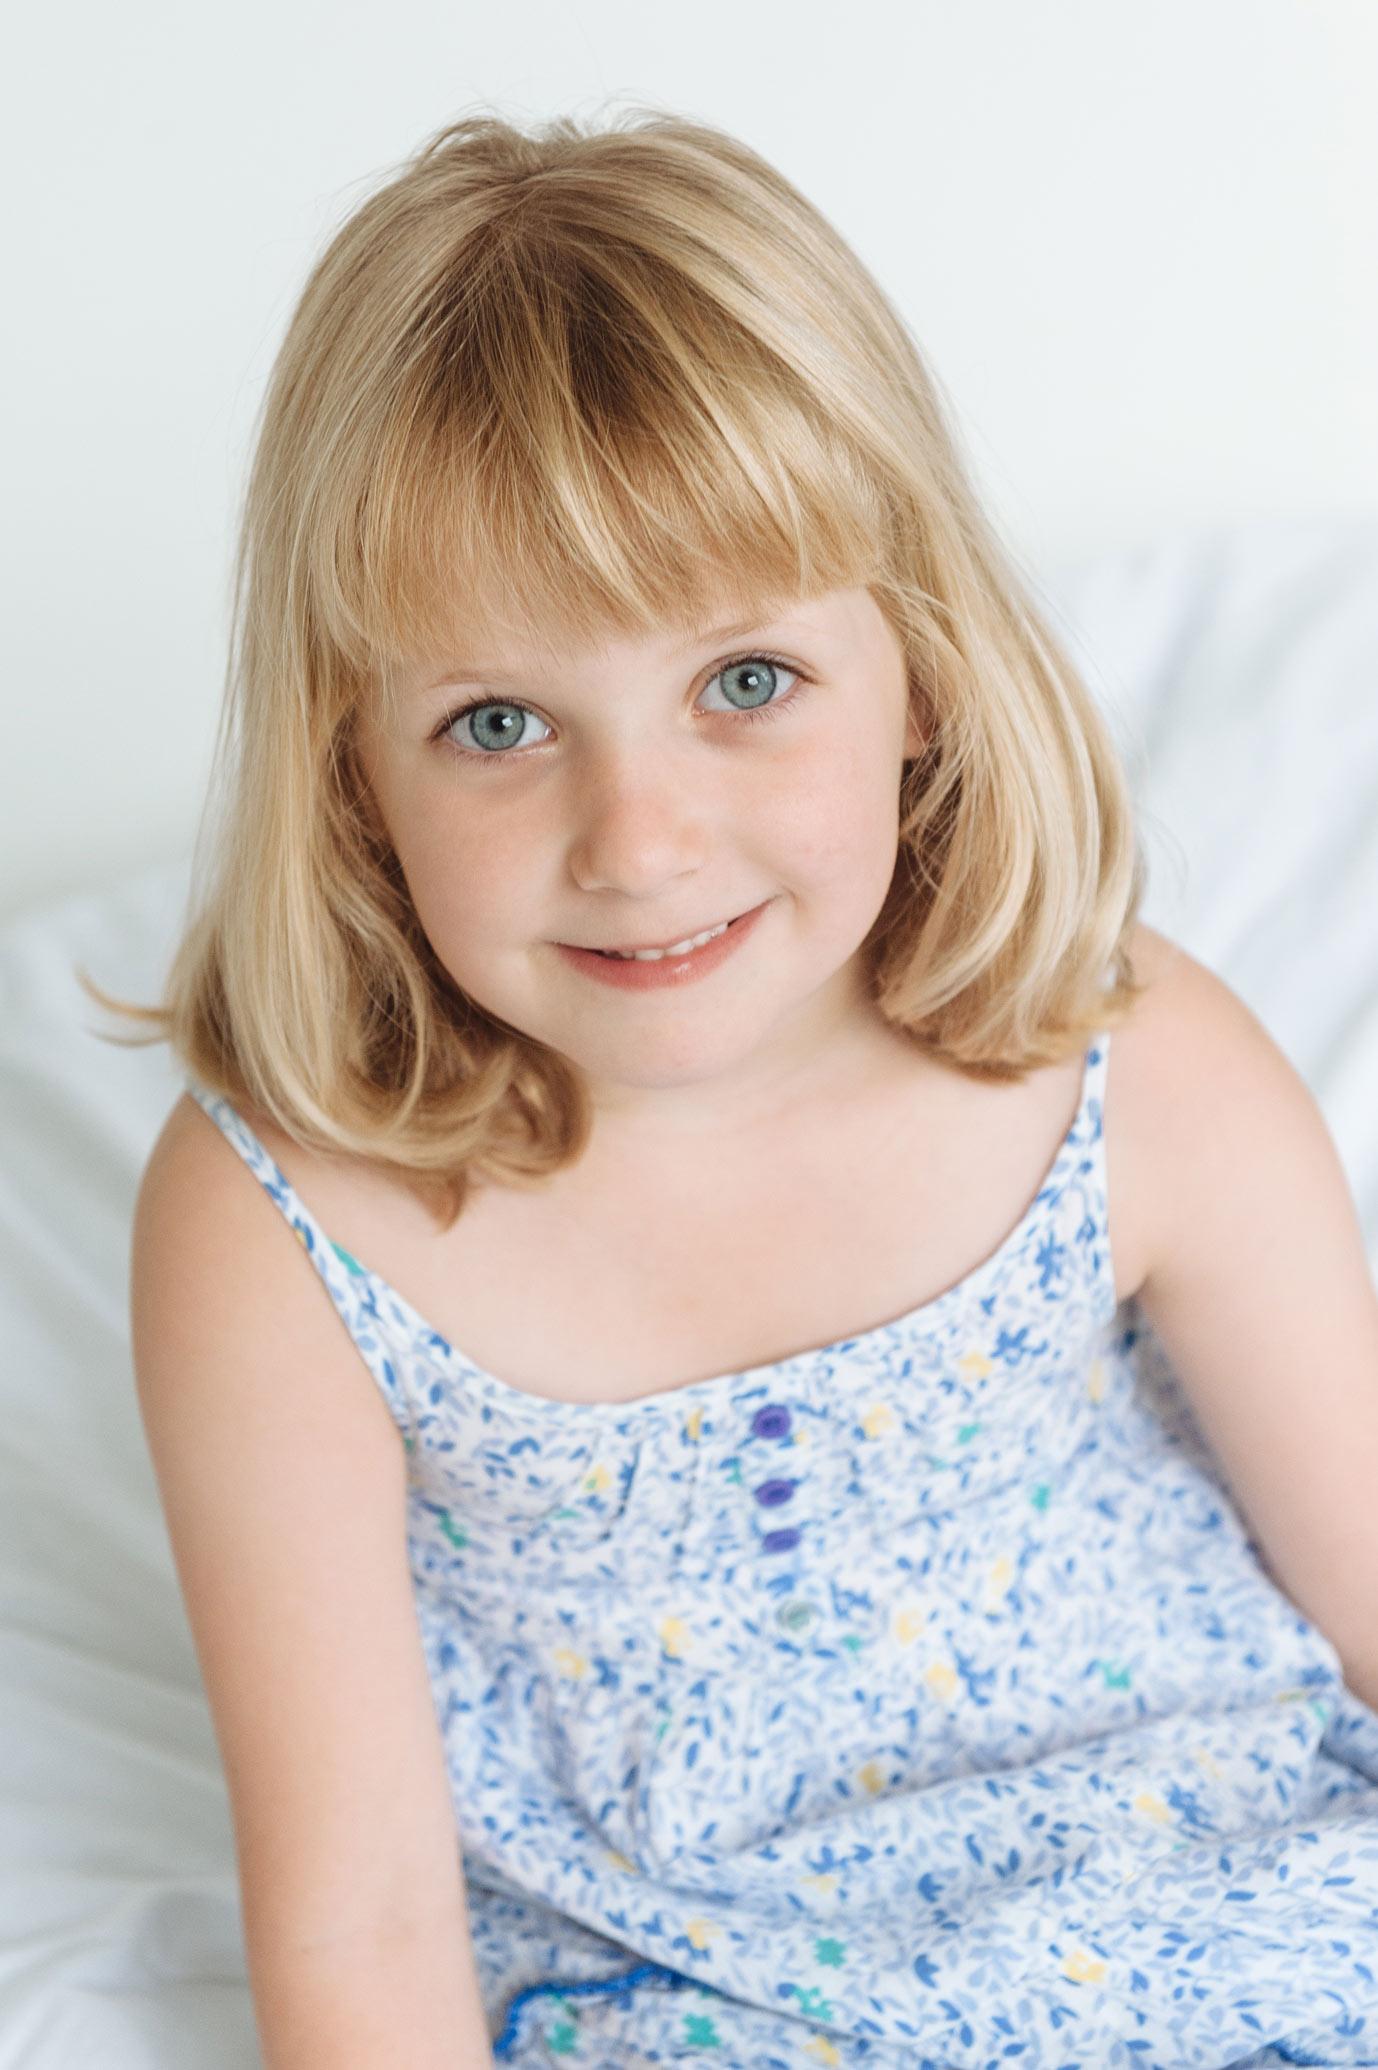 natural children's portrait shoot